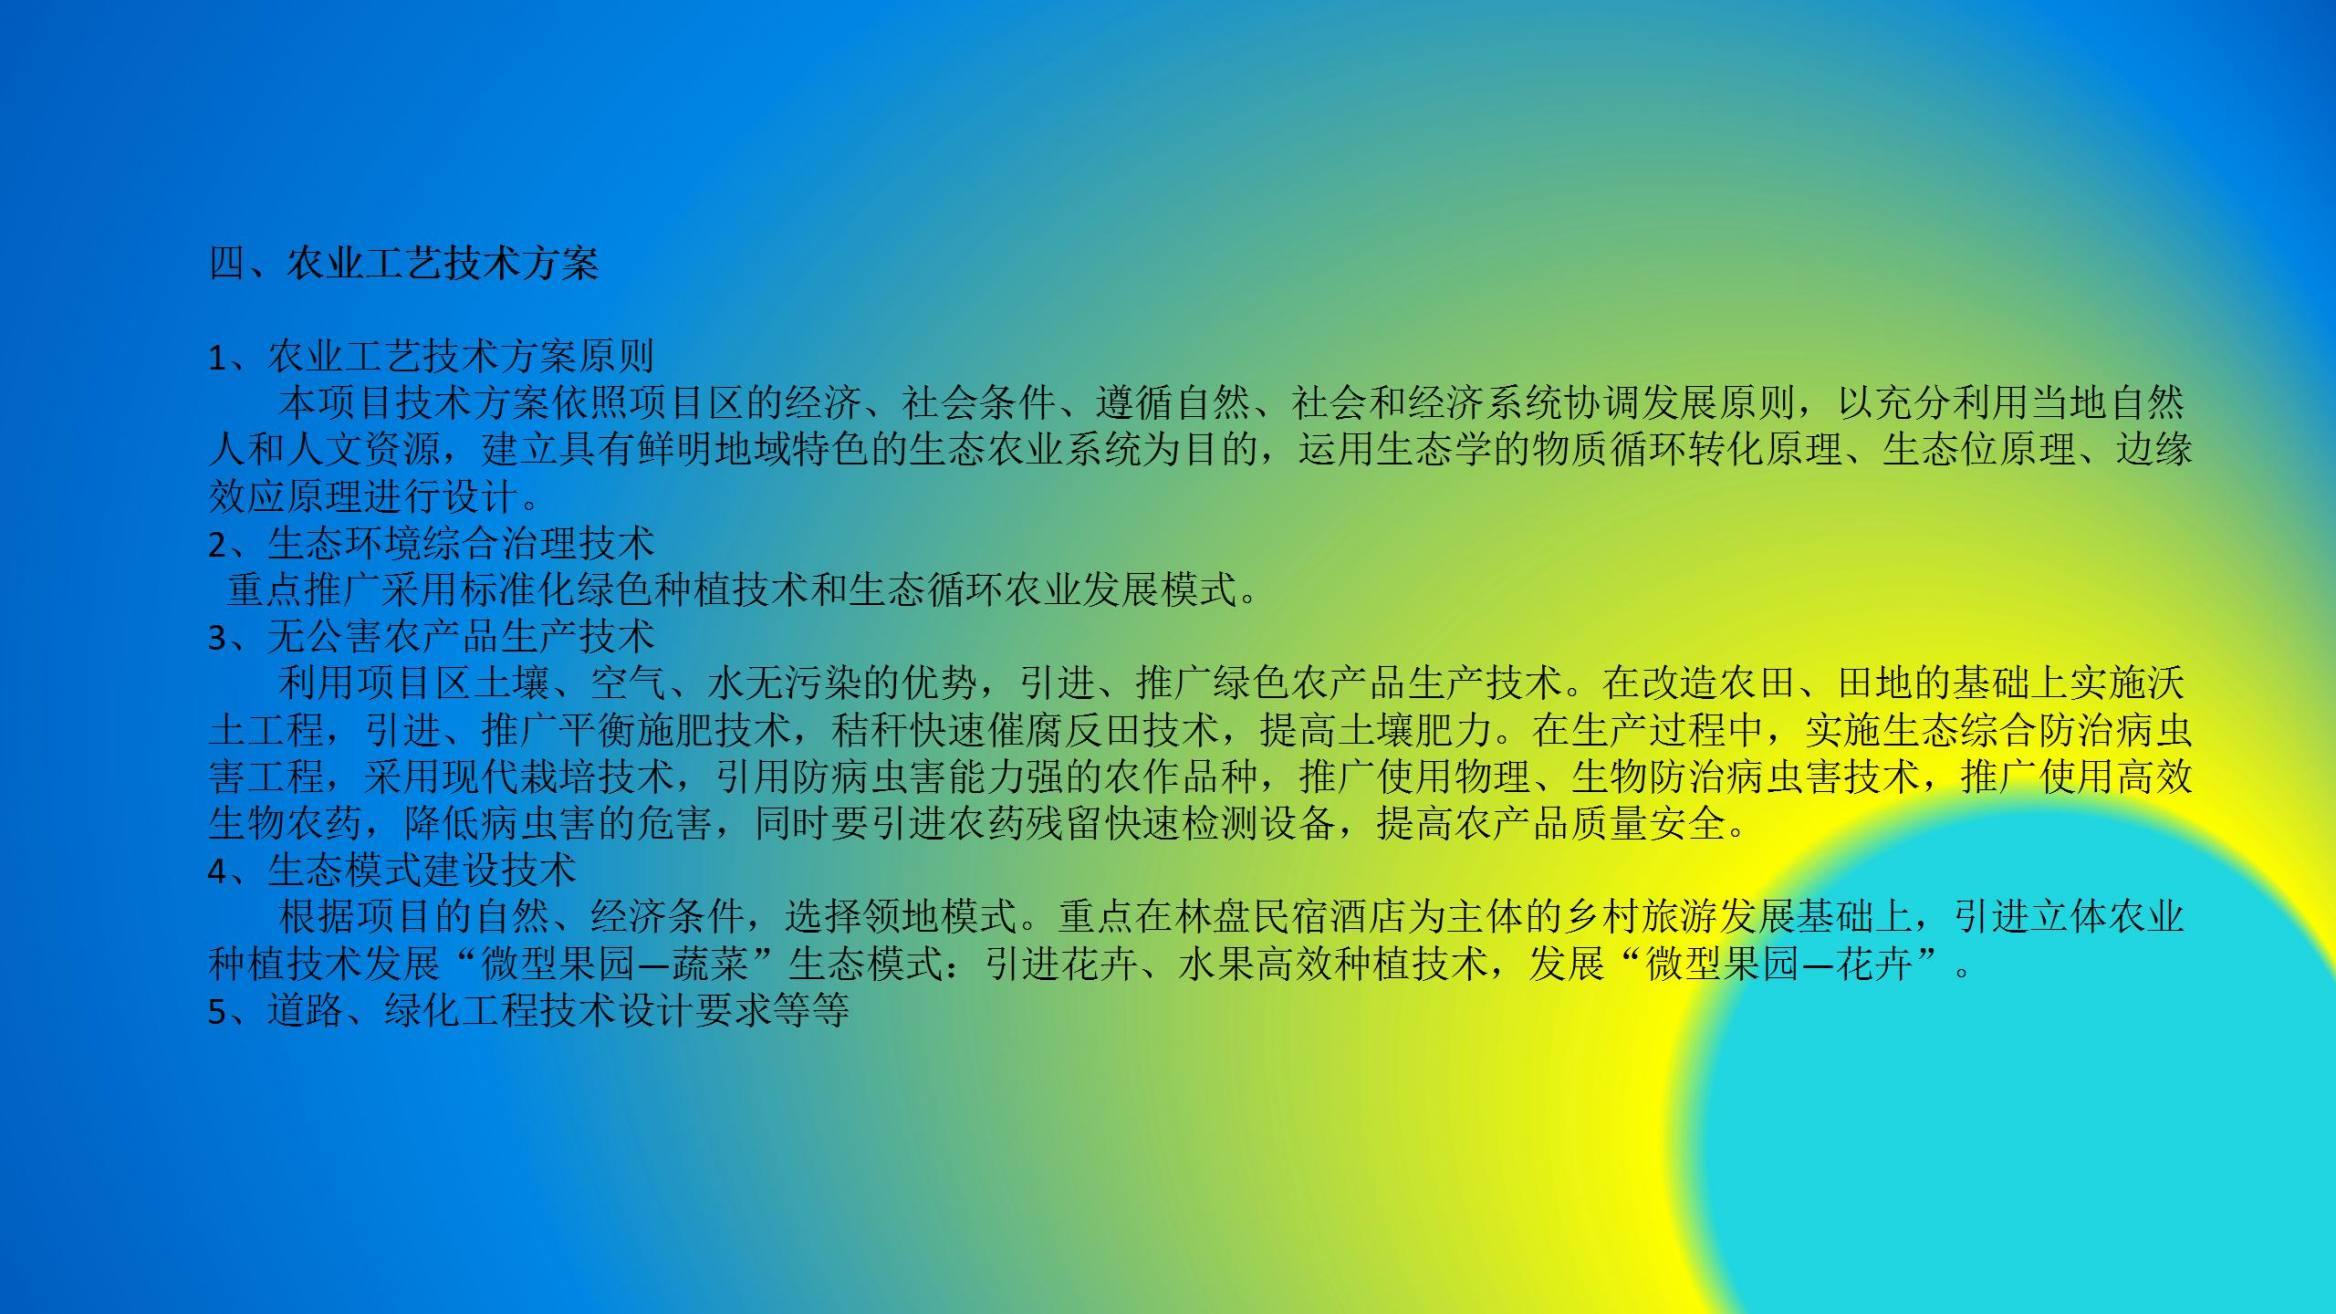 沈家船田园水乡智慧生态园 (8)